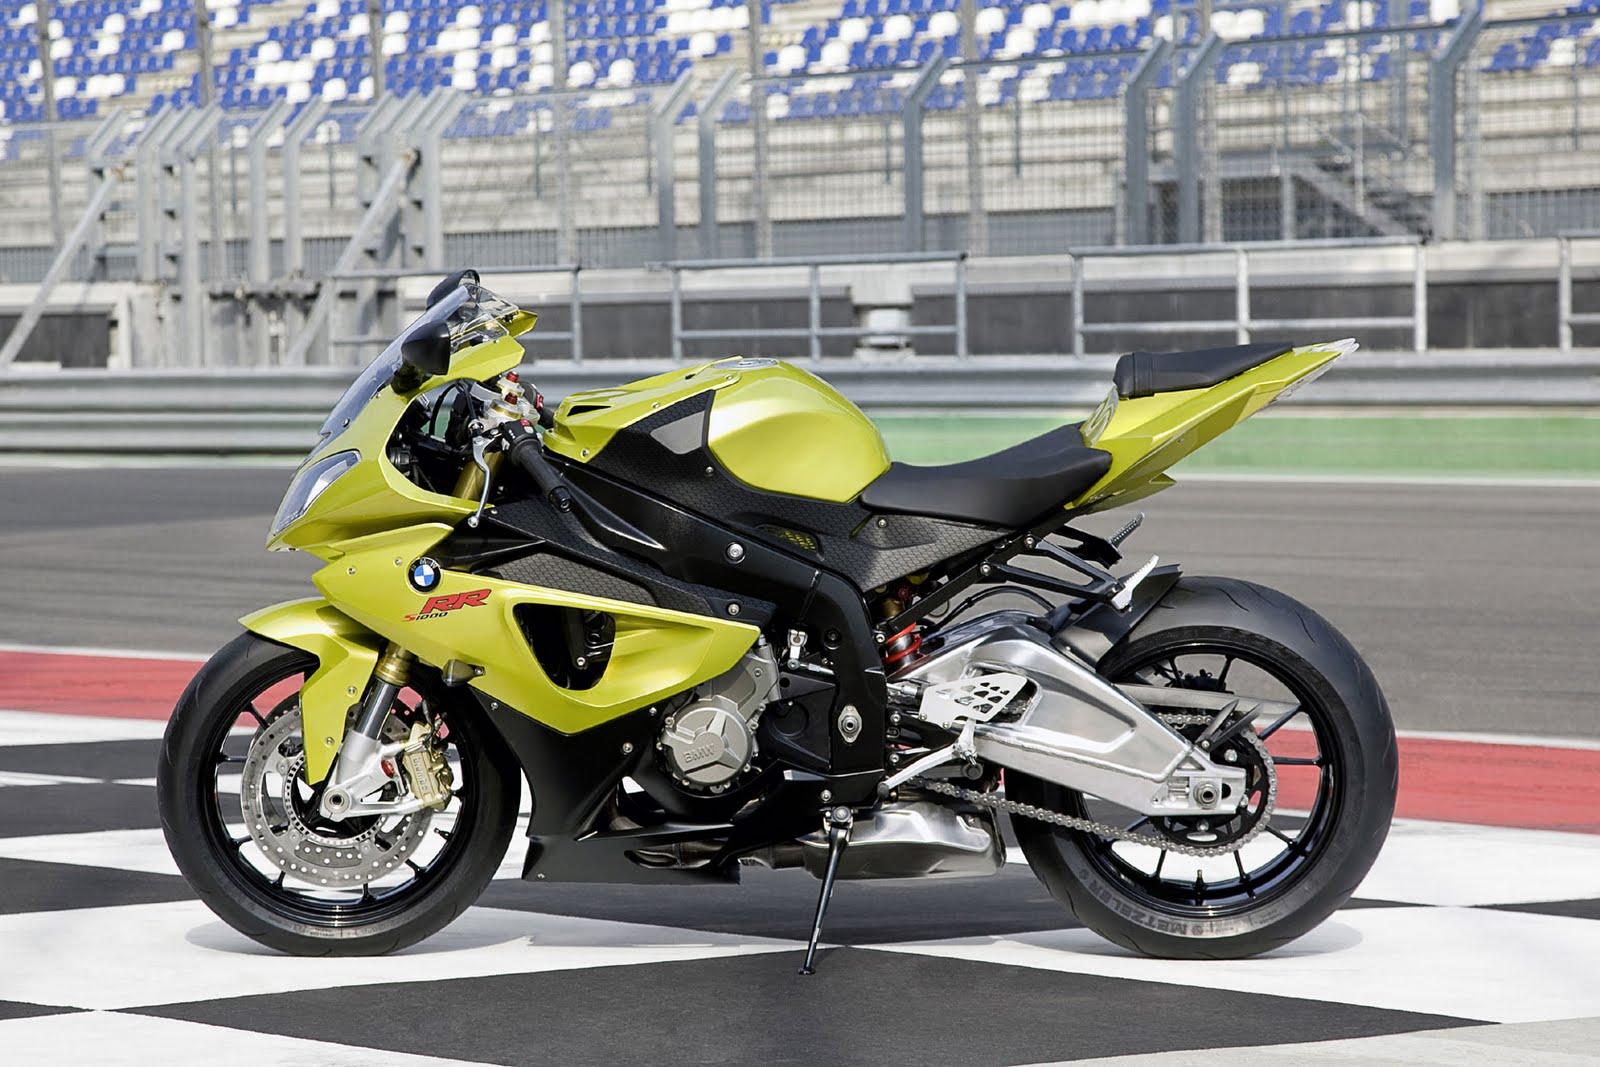 http://4.bp.blogspot.com/-GbcZLz4X7VA/TaVeM4SIVeI/AAAAAAAAADc/FwqORwDUBbc/s1600/2010-BMW-S1000RR-Superbike.jpg